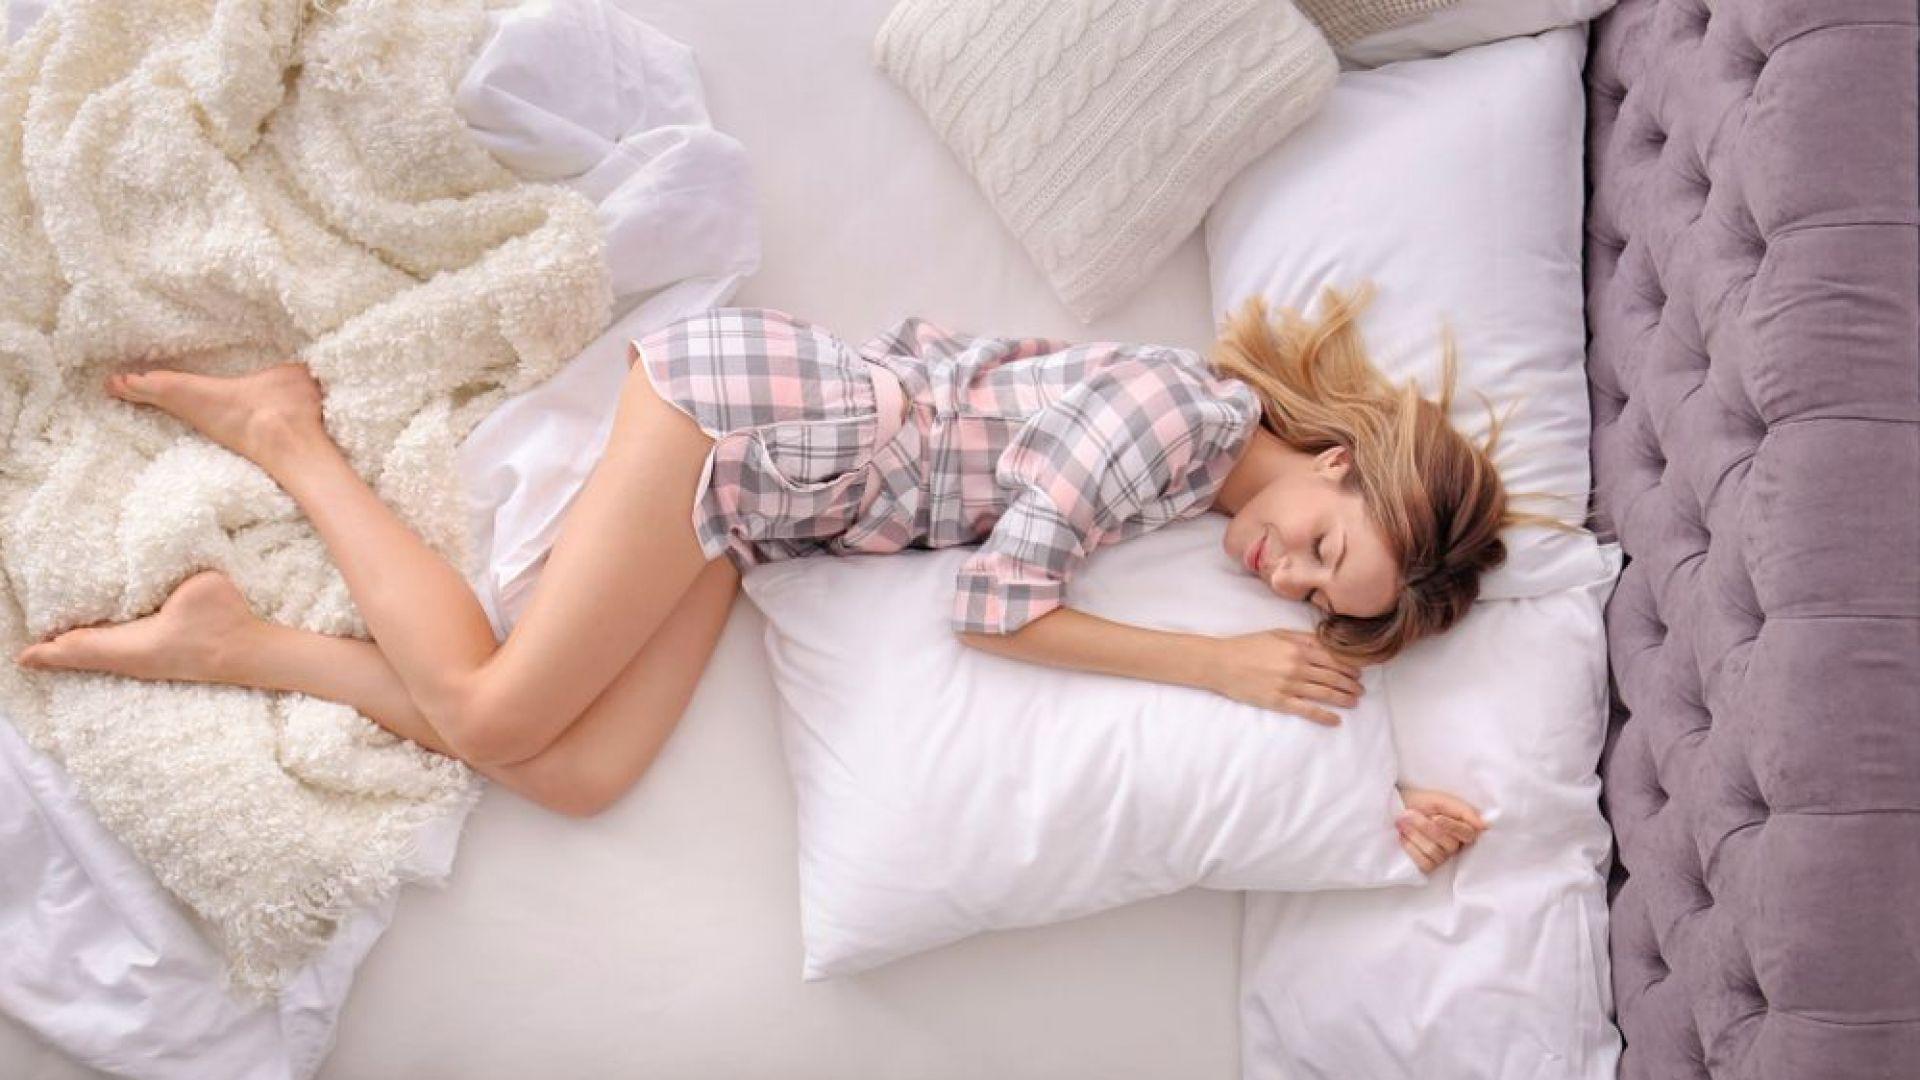 Каква поза да изберем и какво да ядем за качествен сън